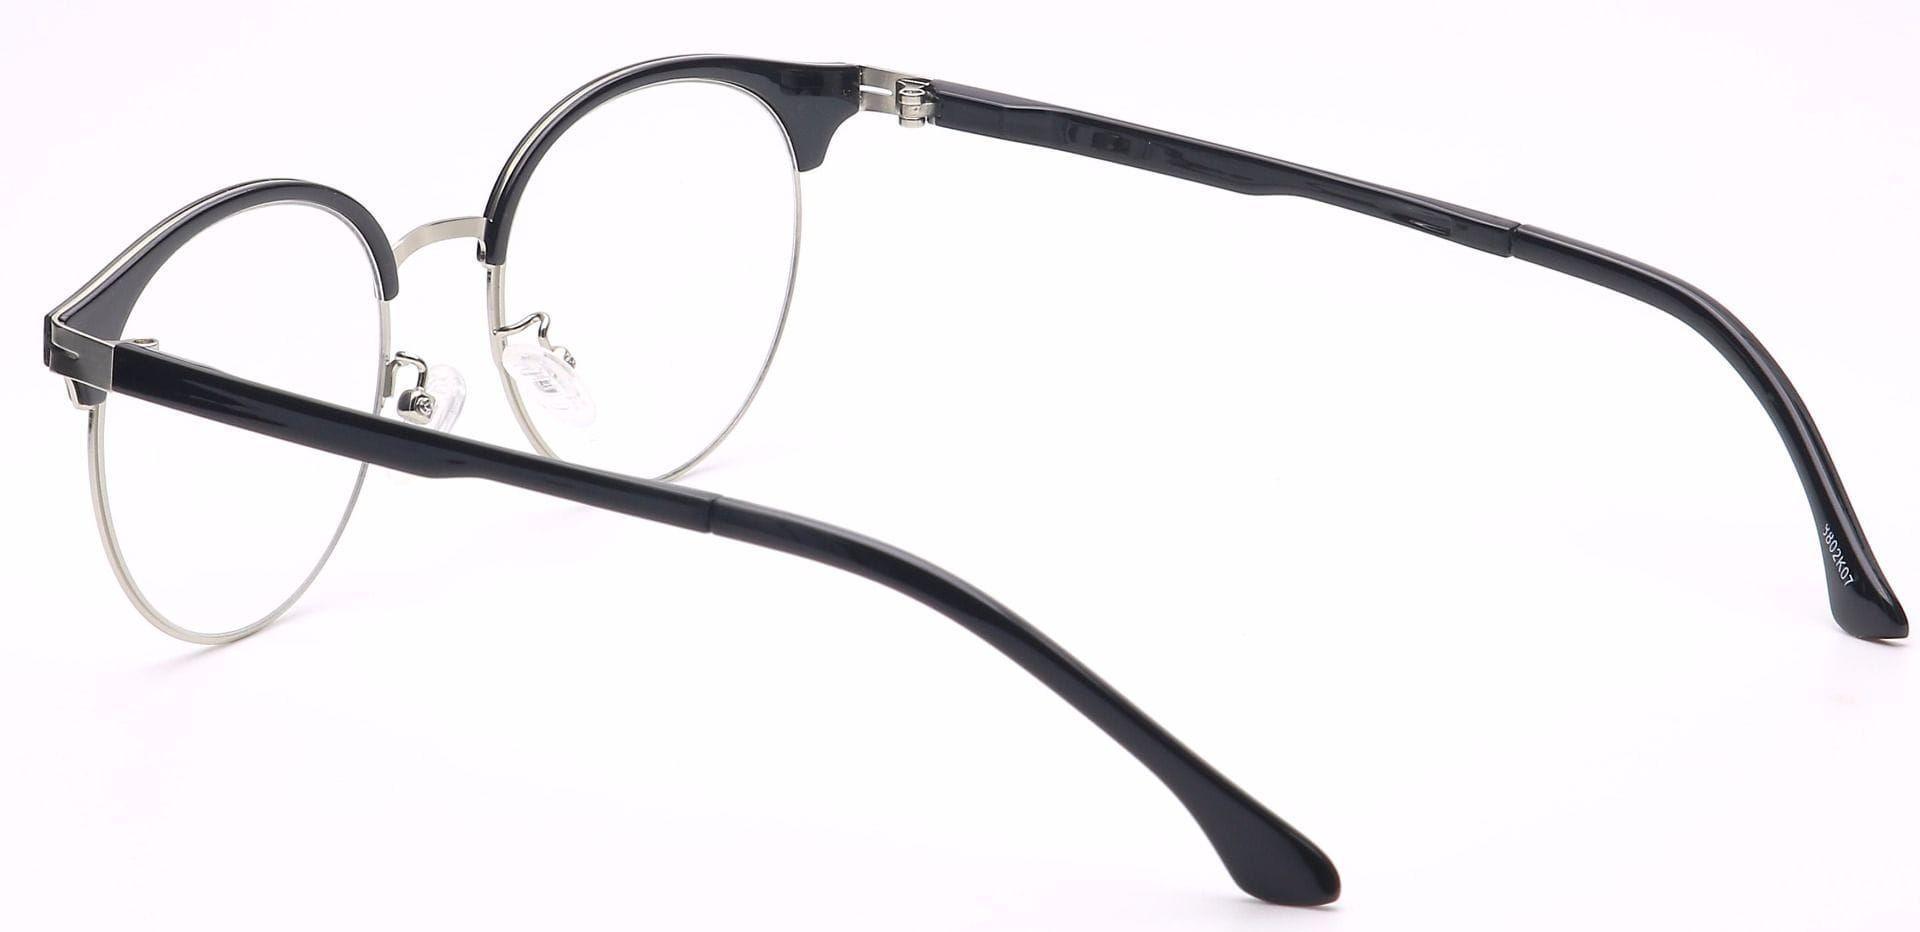 Glim Browline Prescription Glasses - Black